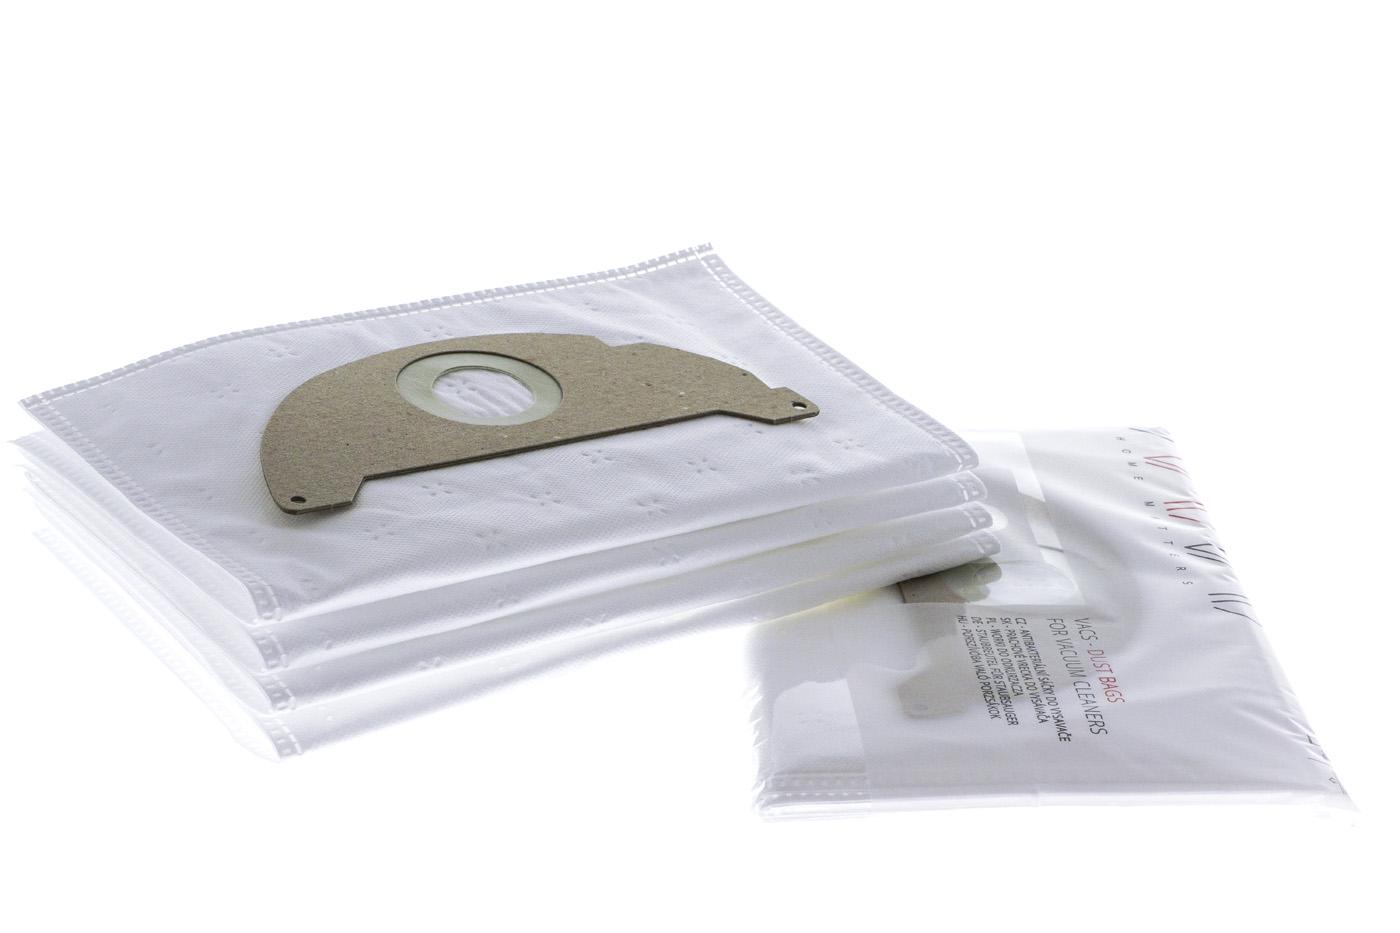 42e Staubsaugerbeutel Filter Filtertüten 20 Staubbeutel für Kärcher TBS 32e